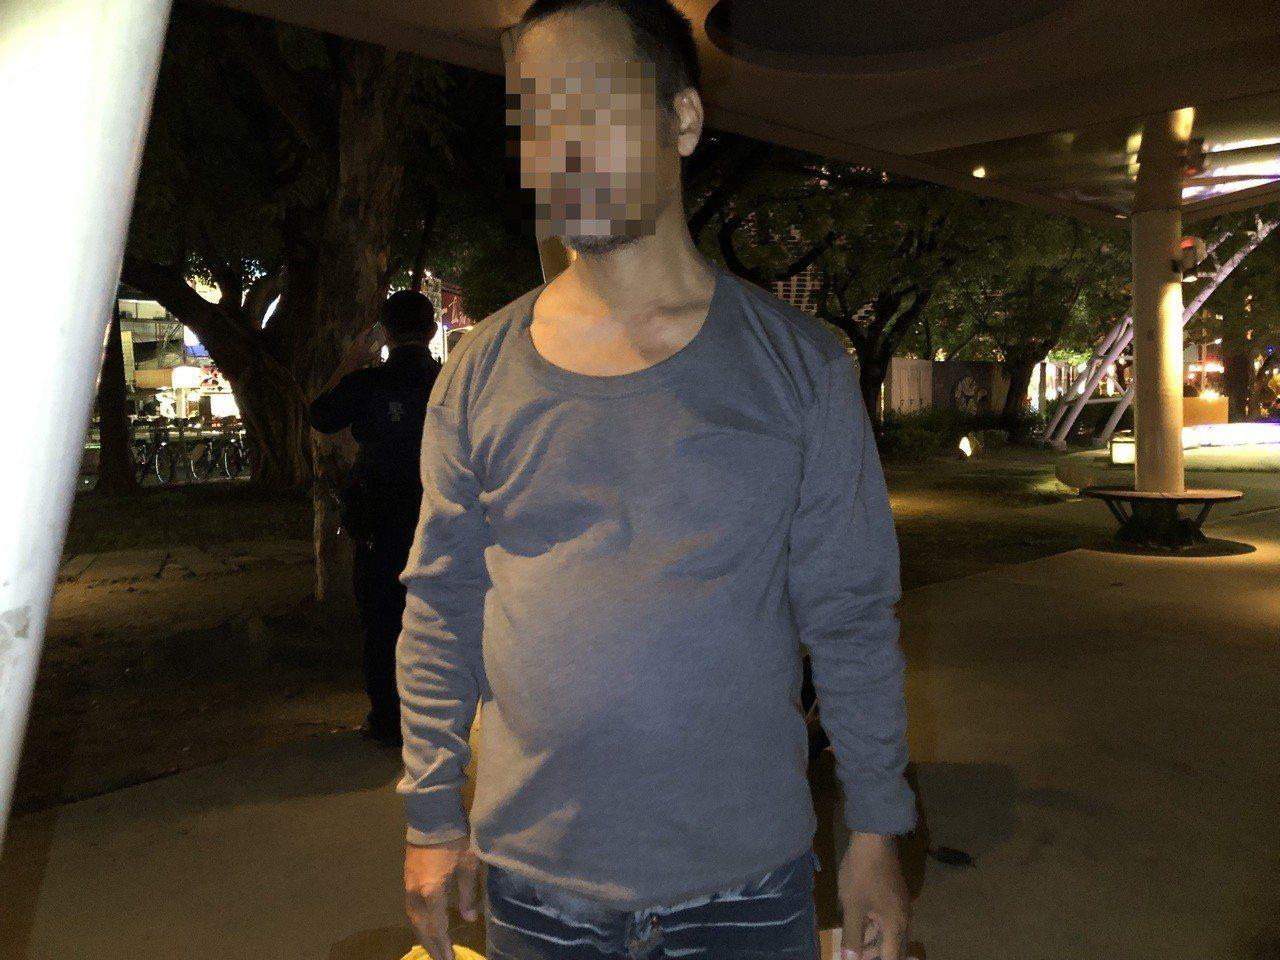 常窩在高雄市中央公園的劉姓男子涉偷他人放在機車上的鞋、襪被捕。記者林保光/翻攝